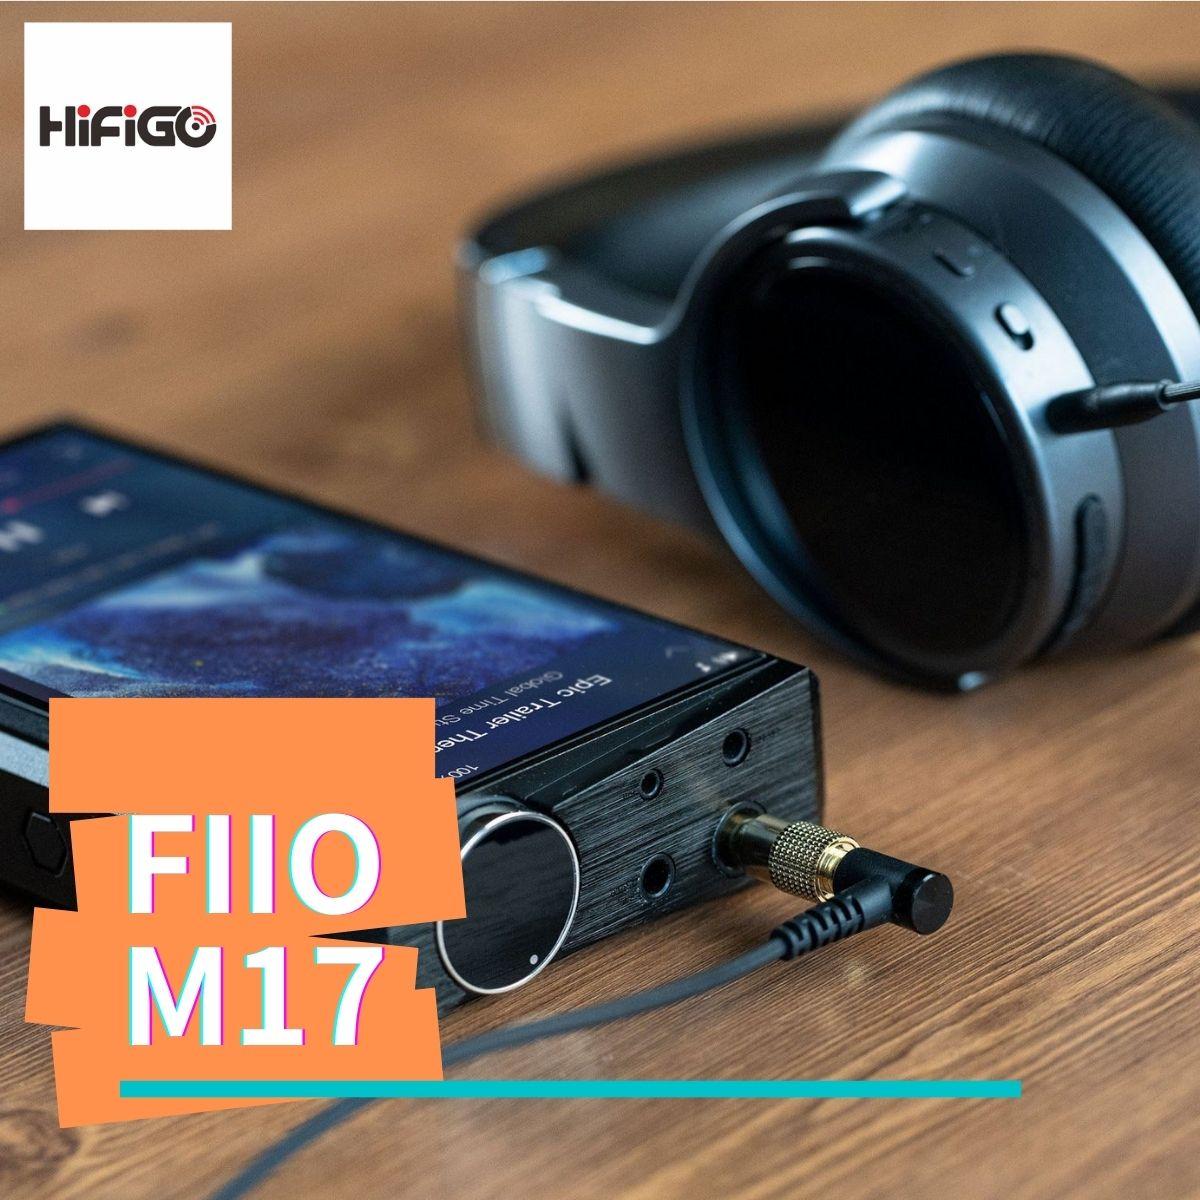 FiiO M17